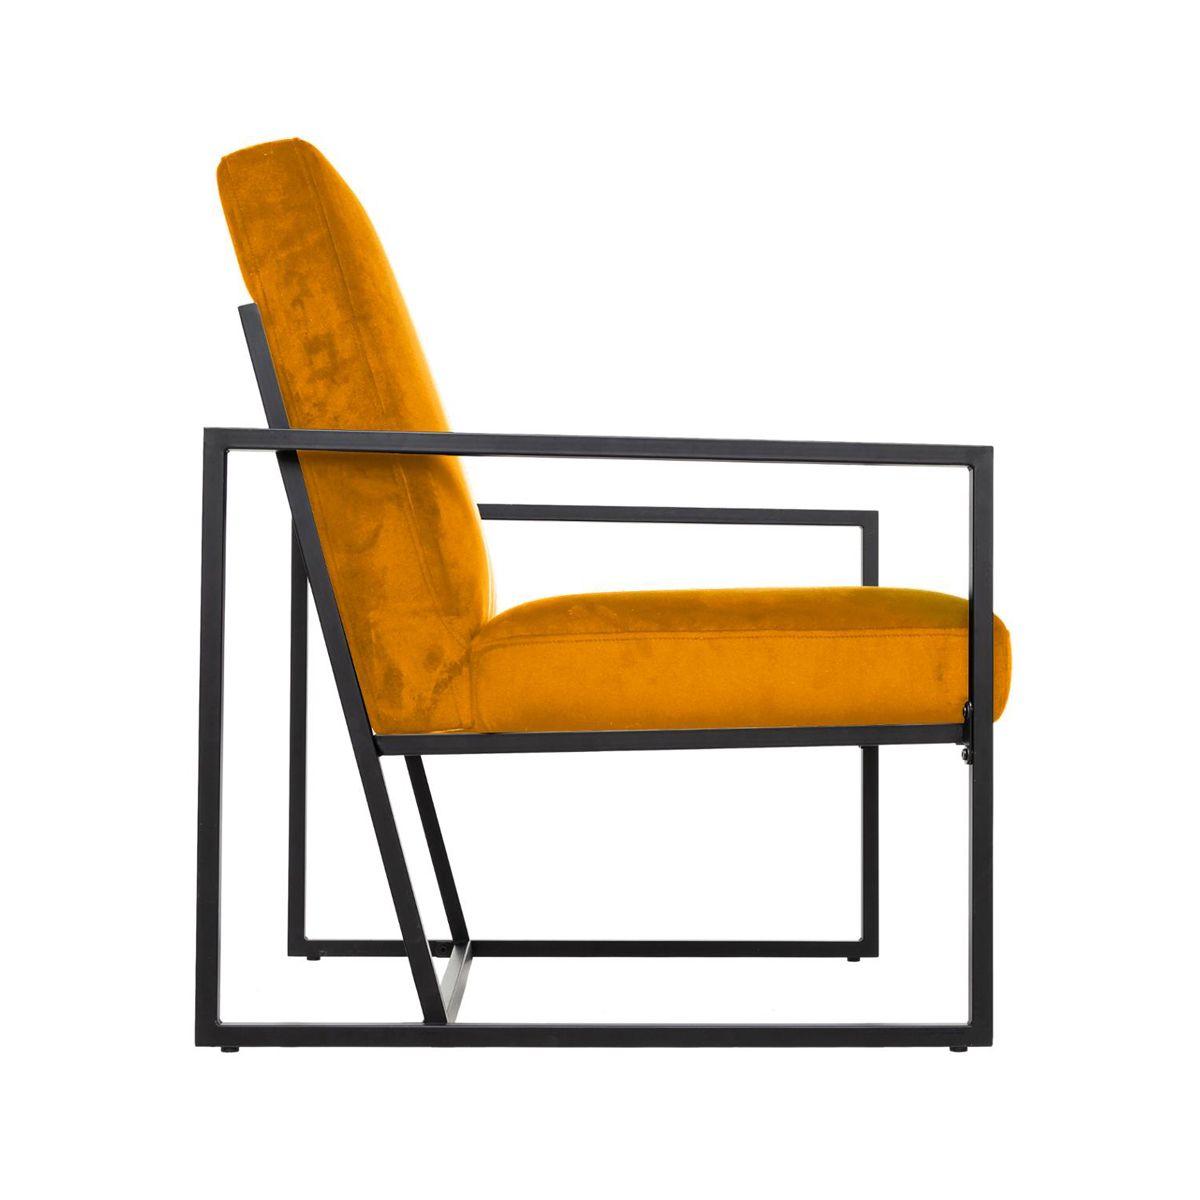 Fauteuil contemporain structuré en velours jaune